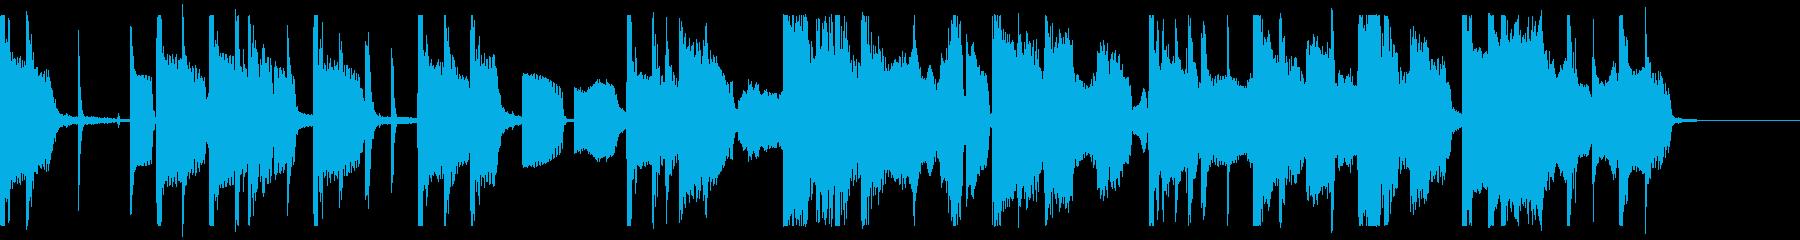 アンニュイなエレクトロポップの再生済みの波形